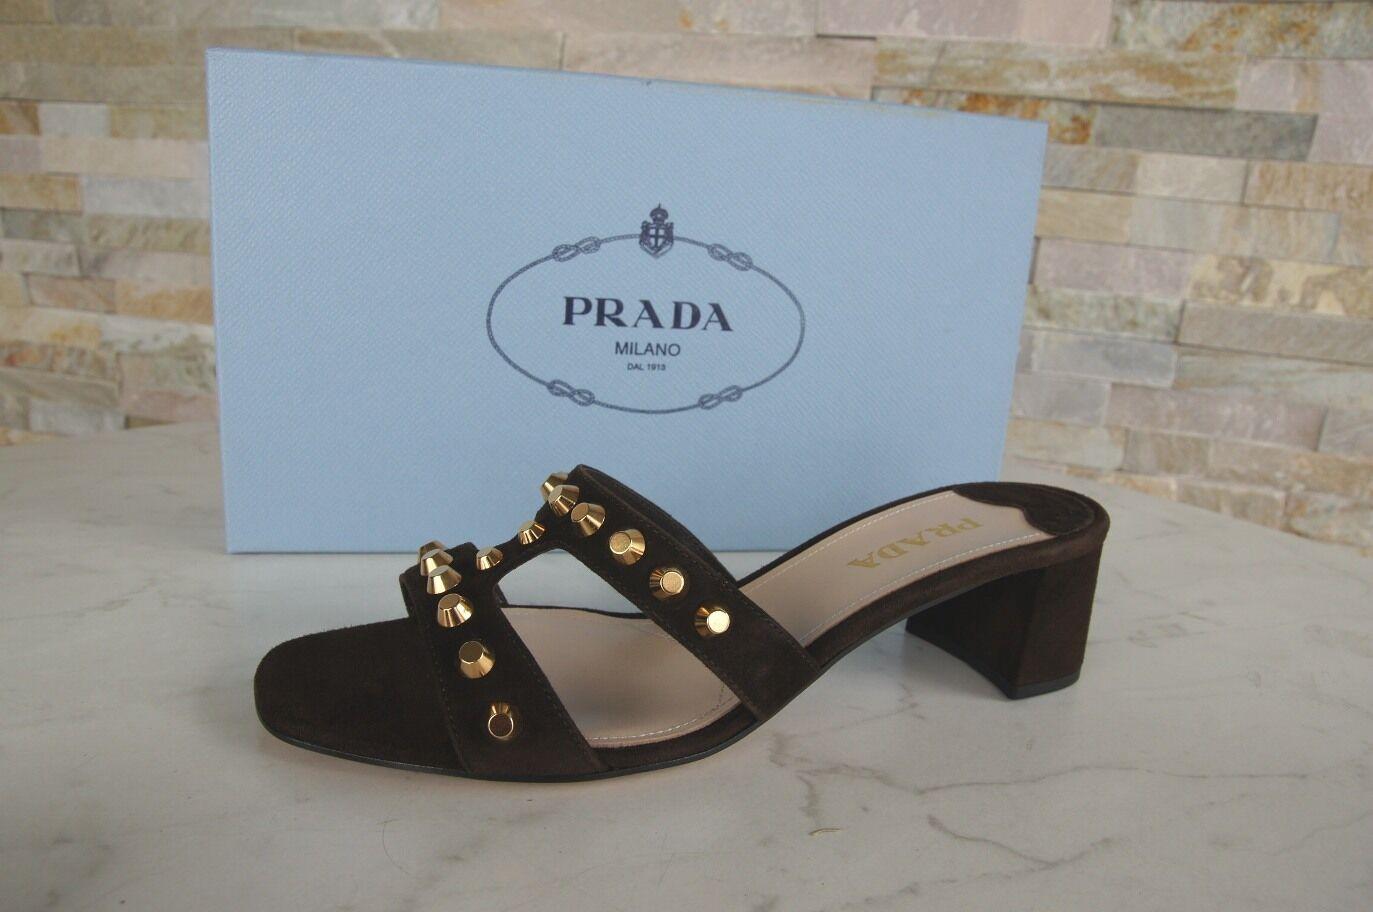 PRADA Dimensione 35,5  Mules Sandals Sandals scarpe Teak NUOVO  il più alla moda